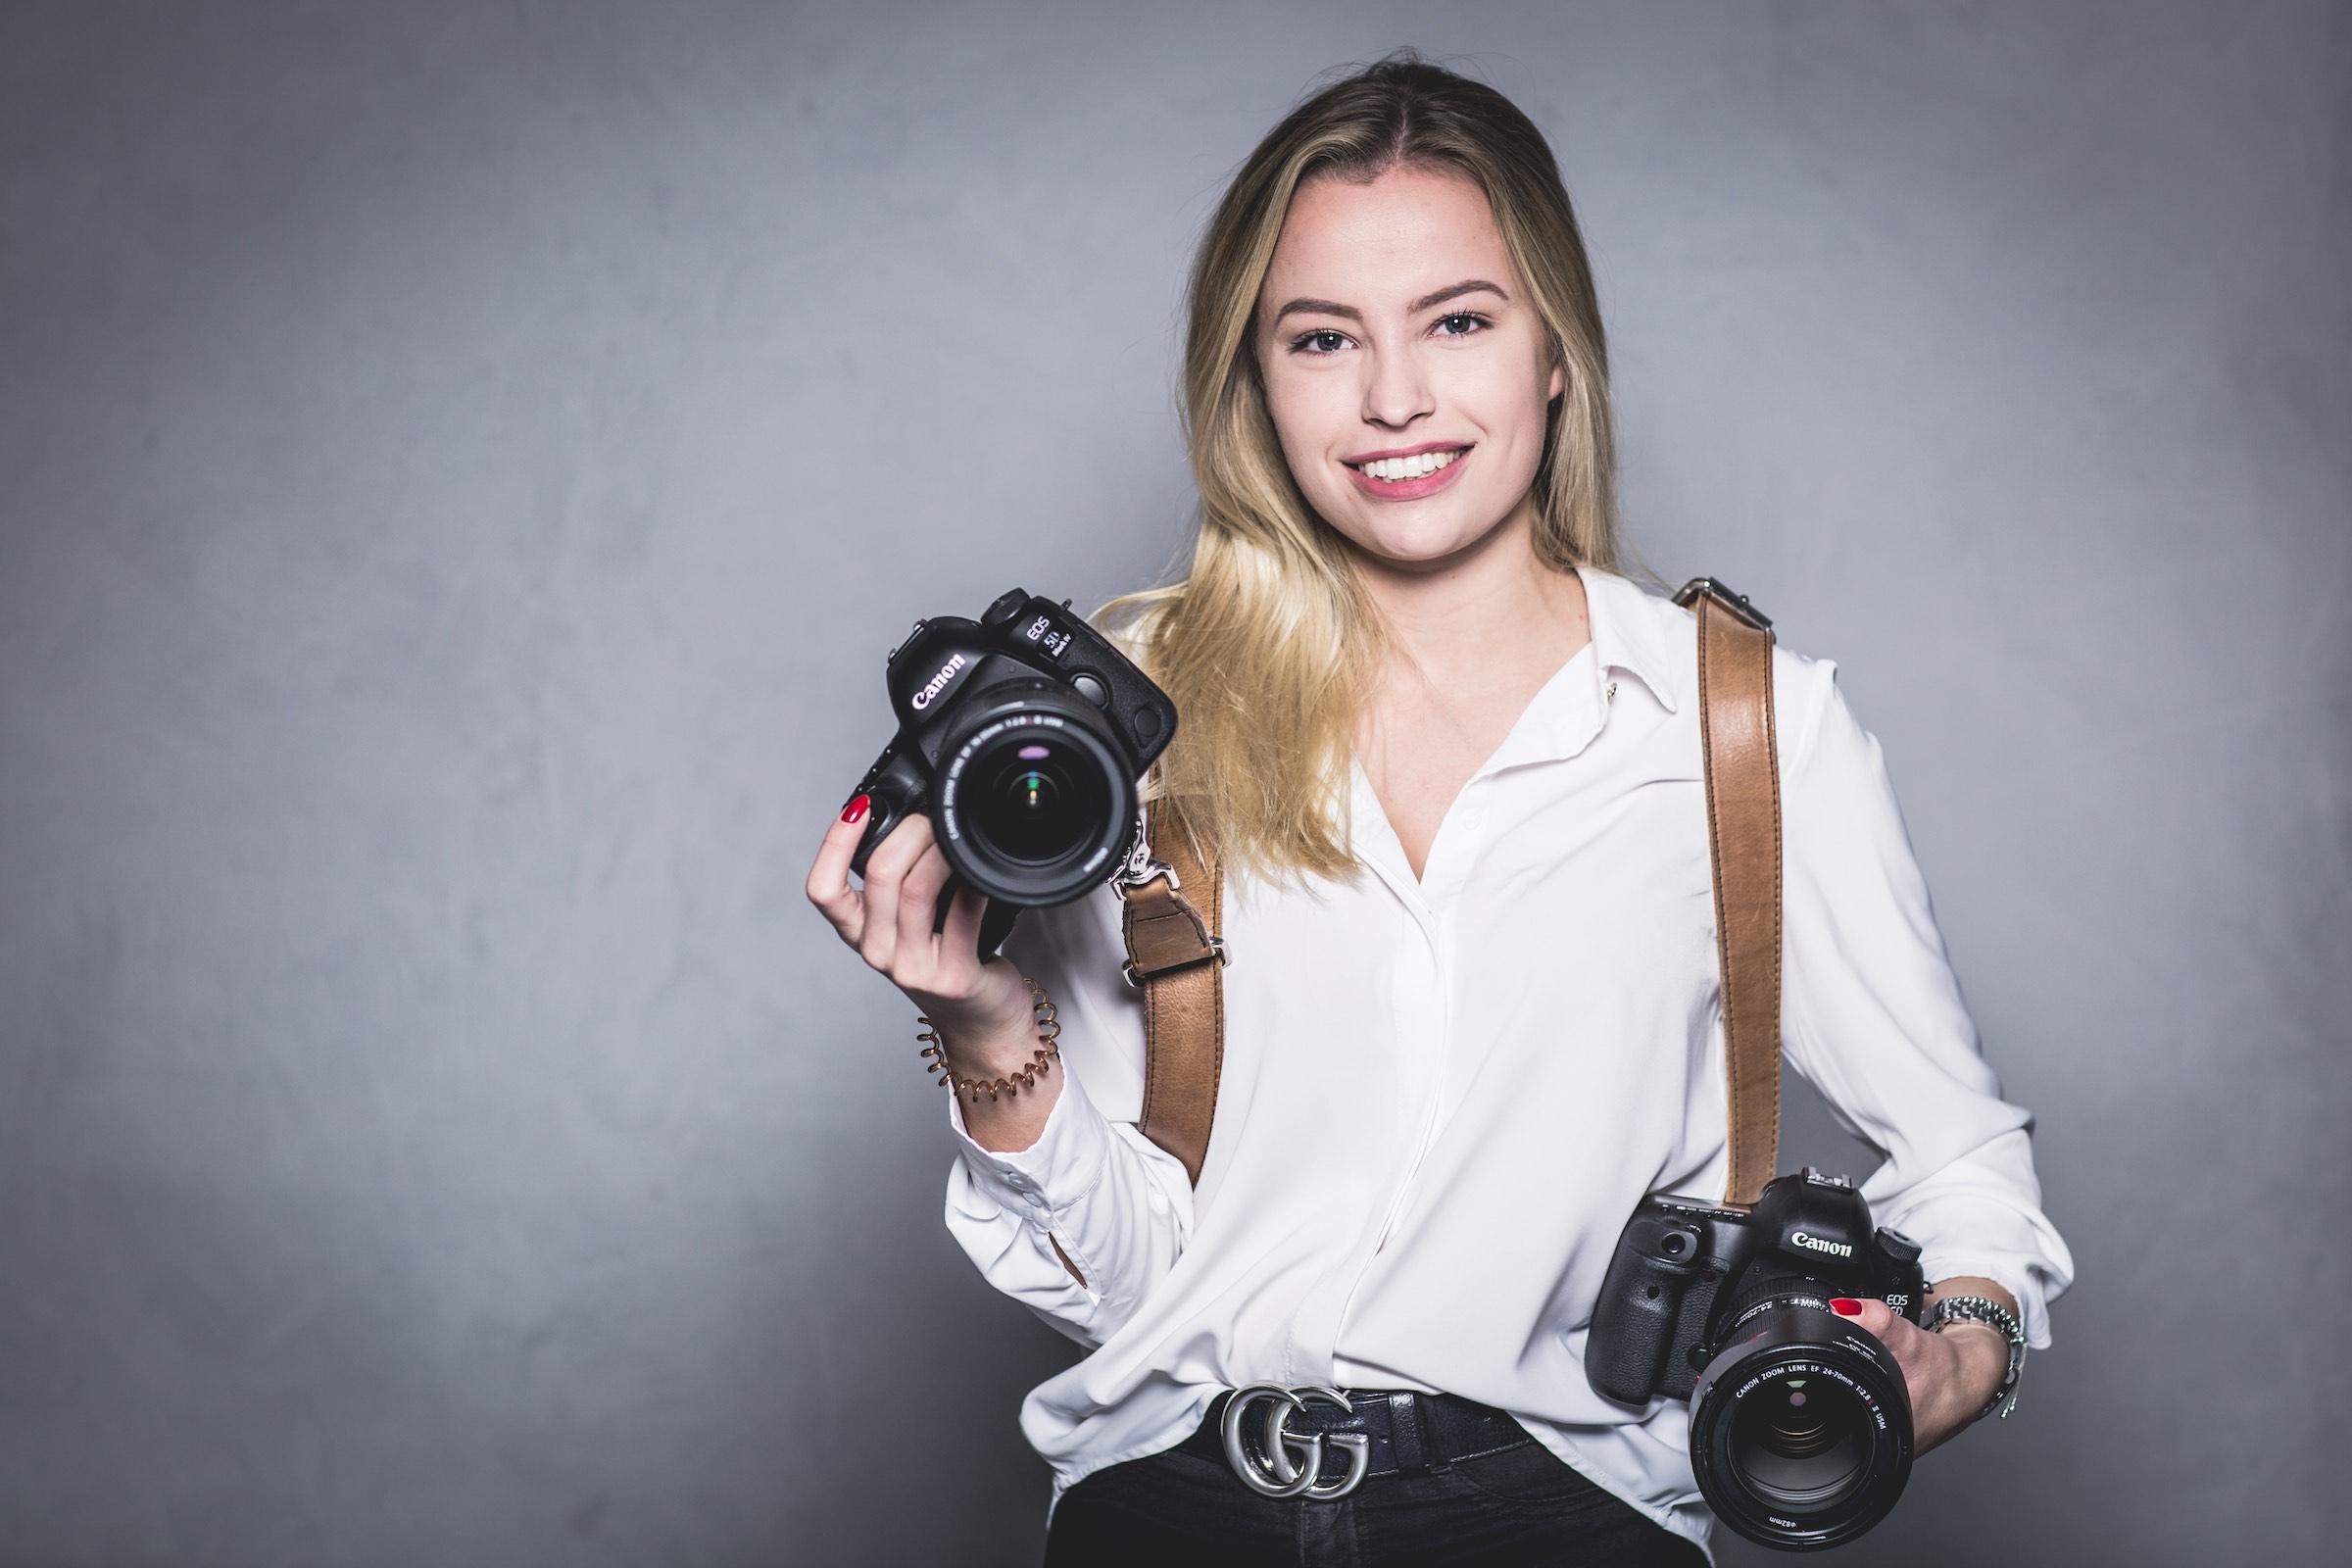 Hochzeitsfotografin | Hannover | Peine | Hameln | Braunschweig | Event | Fotograf | Hochzeitsreportage | Hochzeitsfotografie | Fotografie | Fotografin | Paulina | Helmeke | Buchen | Mieten | Lehmann | Eventservice